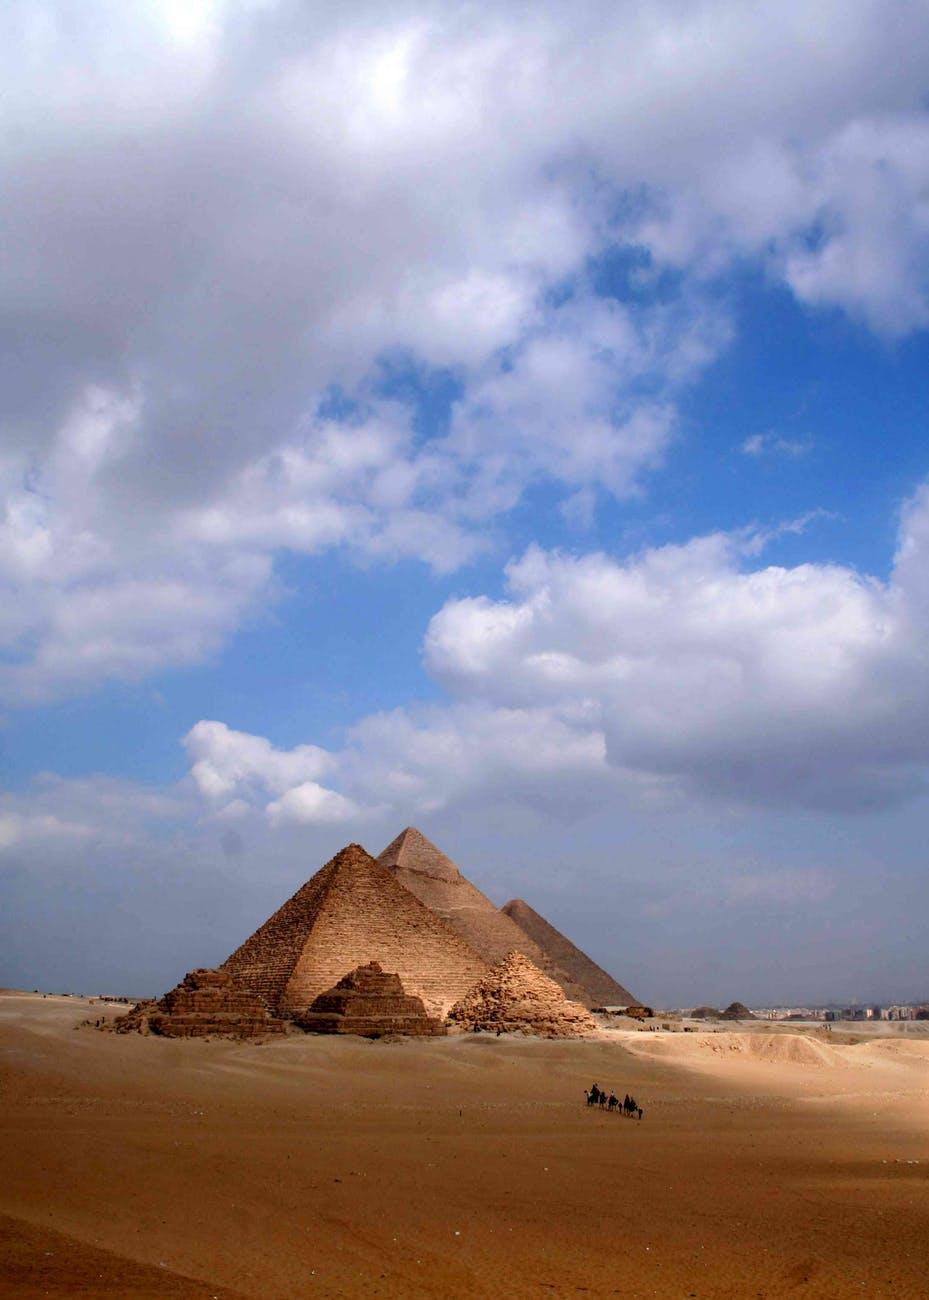 Egyptian pyramids with camel caravan